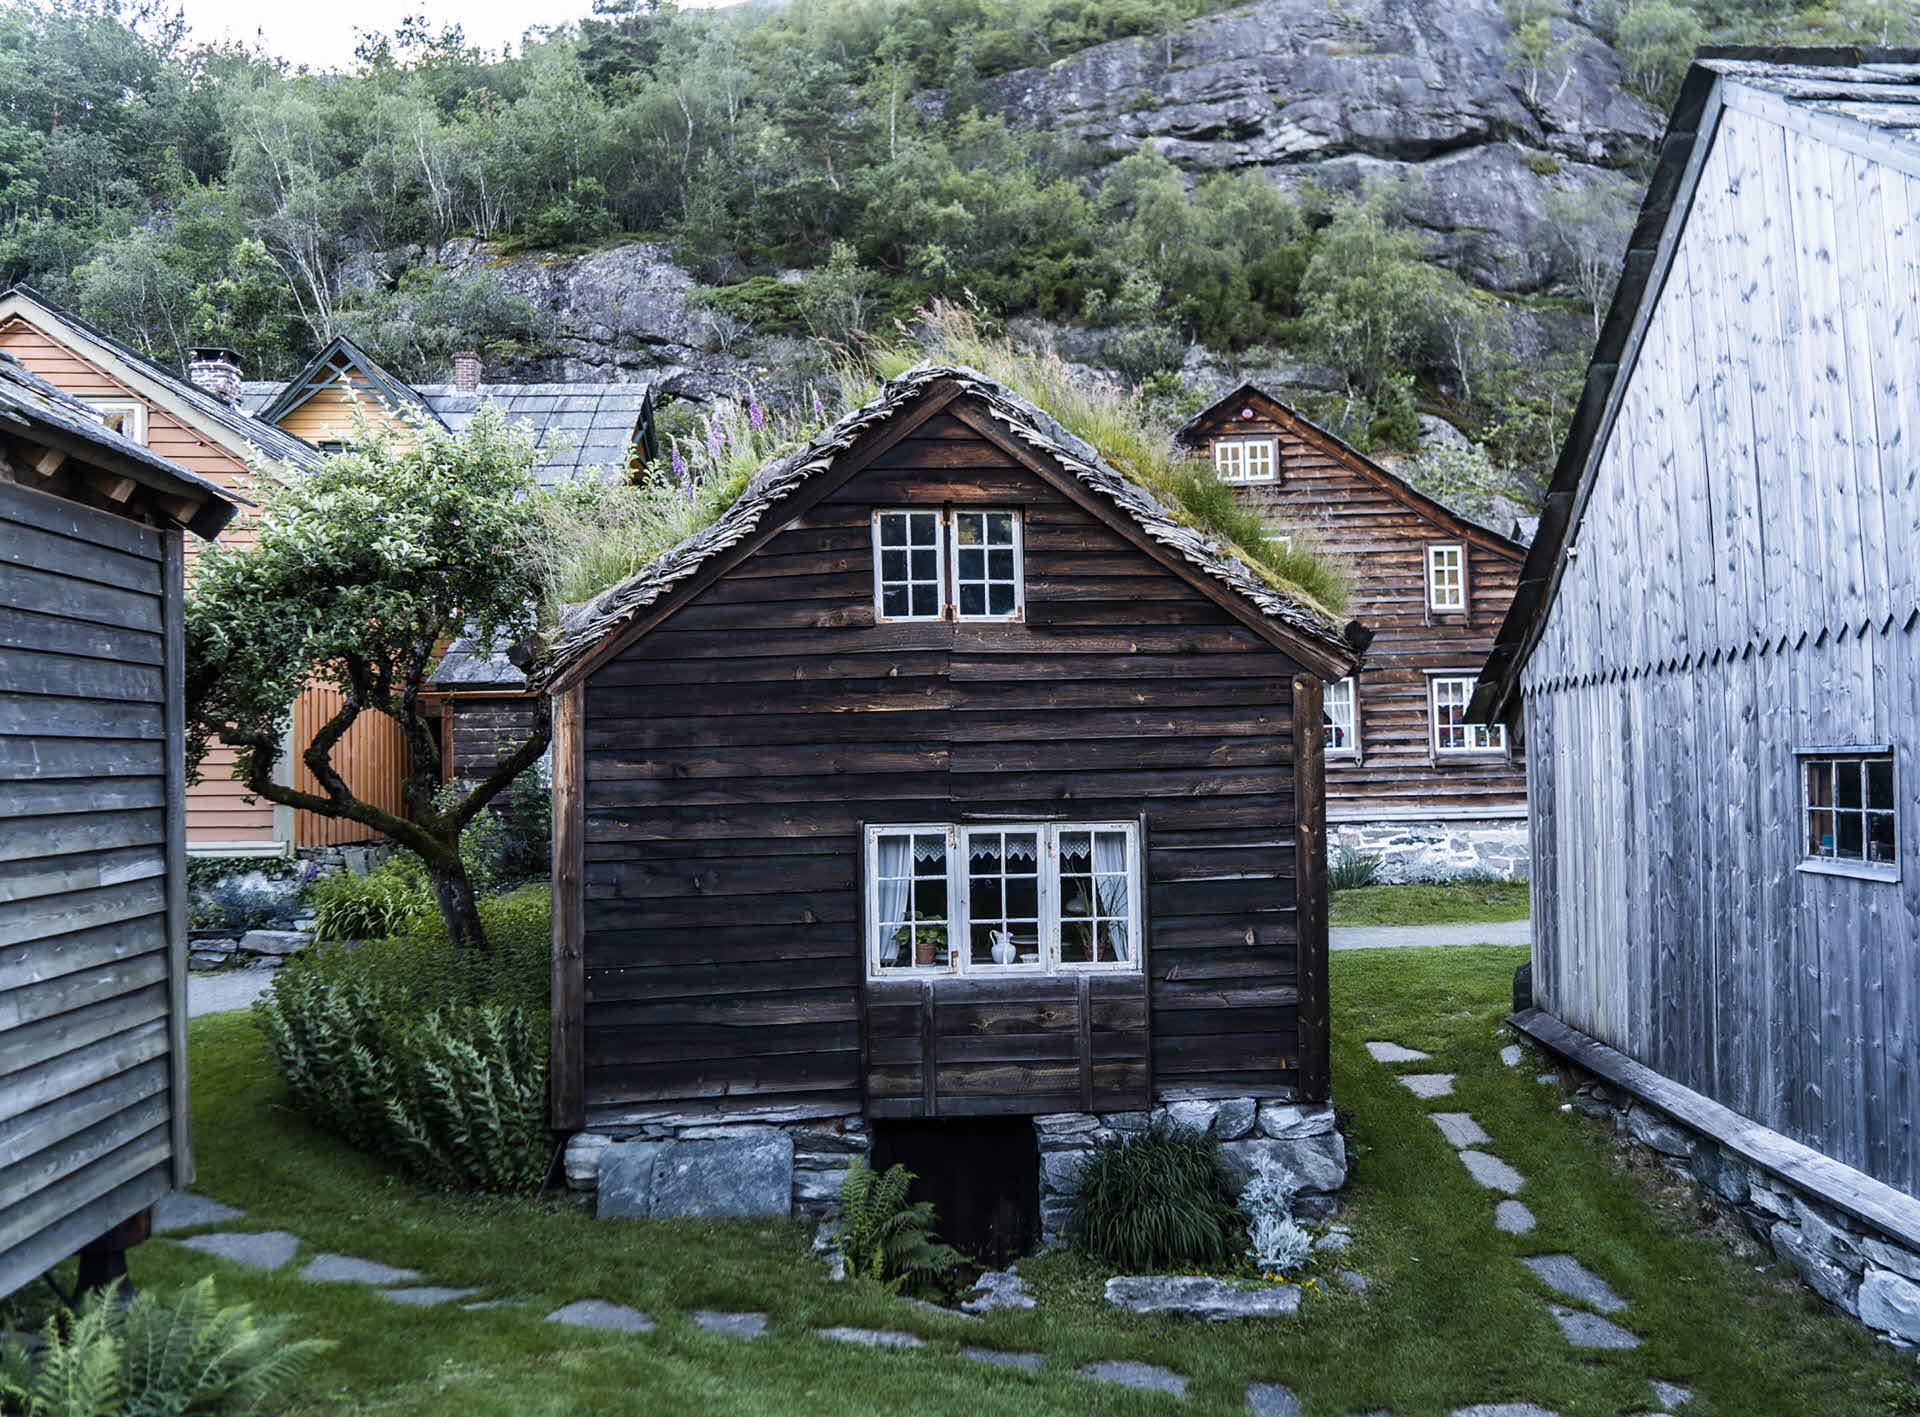 Pequeña casa de madera marrón en Agatunet (Hardanger, Noruega) de principios de 1220 con un techo con hierba y una base de piedras naturales